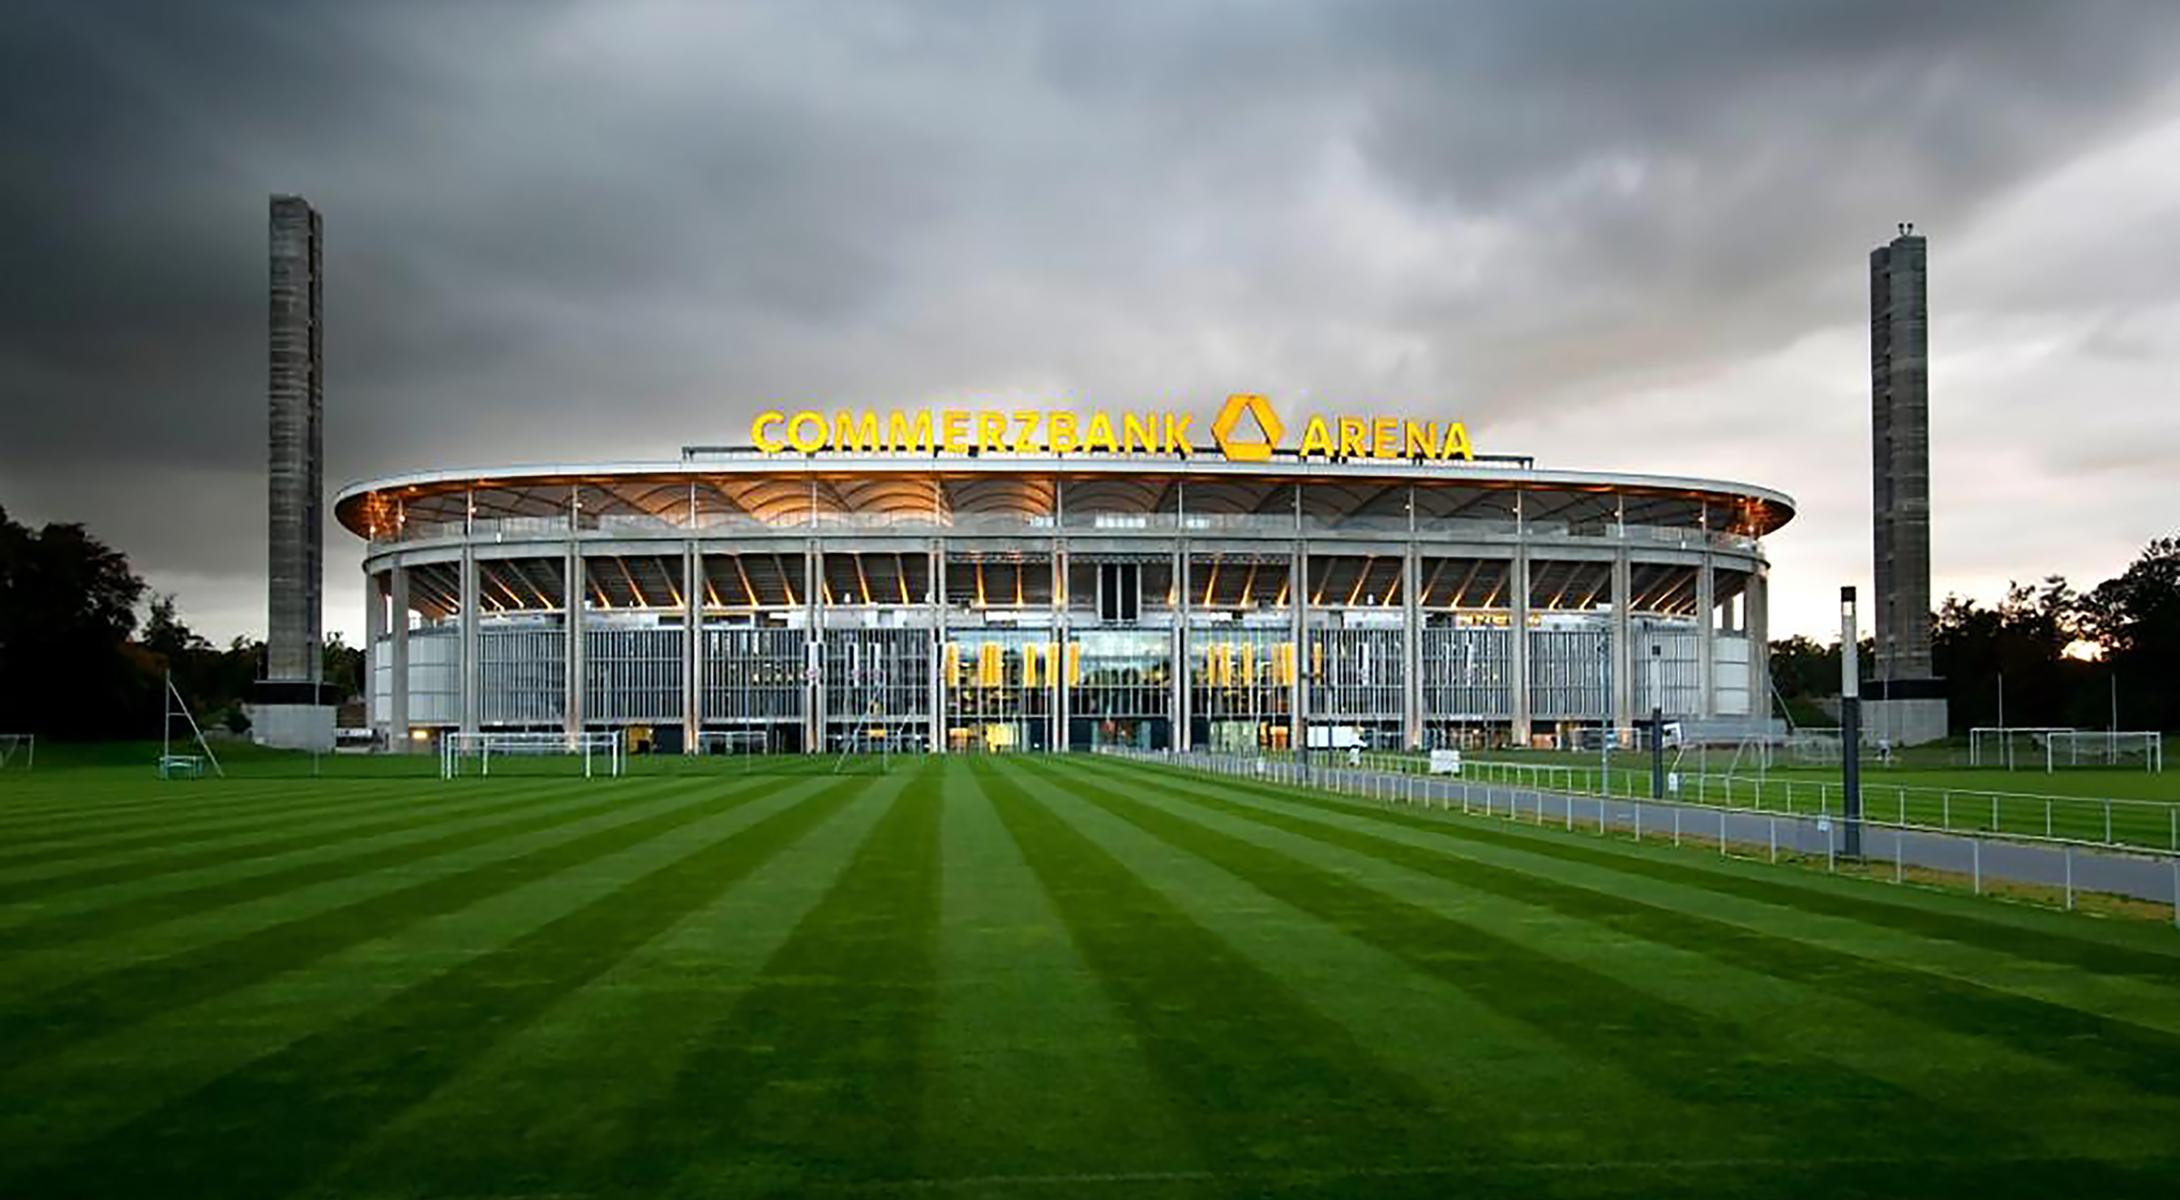 Commerzbank Arena Osttribüne